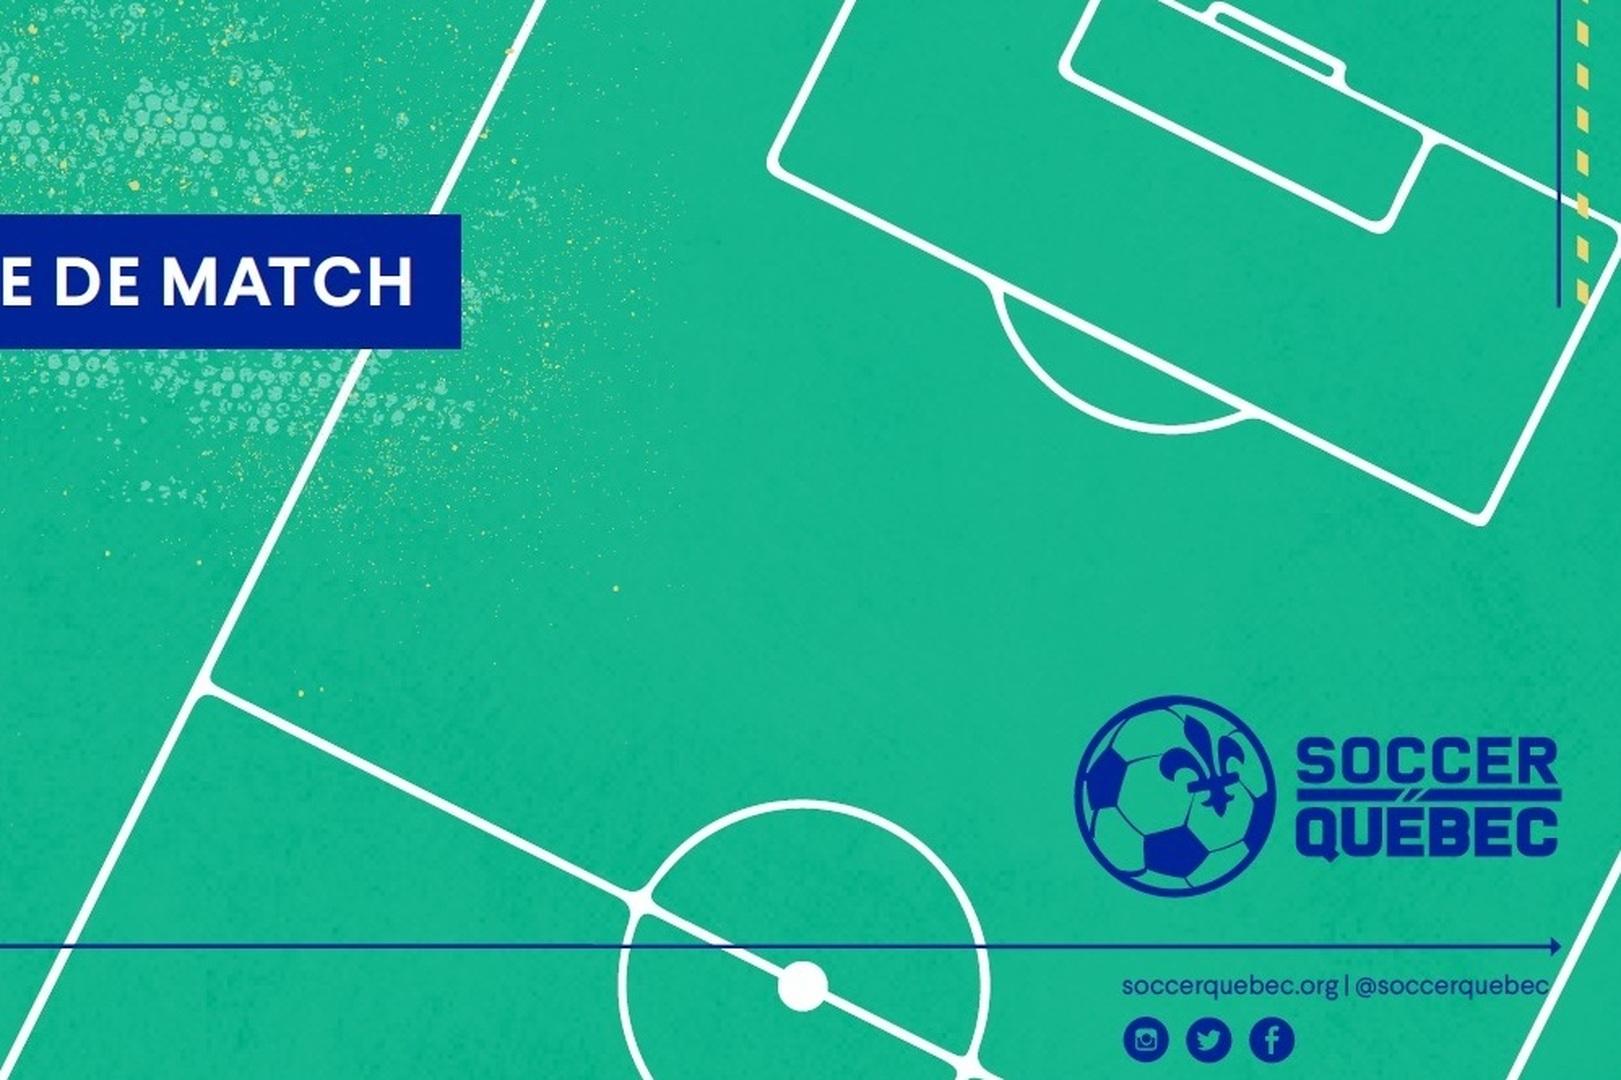 Protocole de match